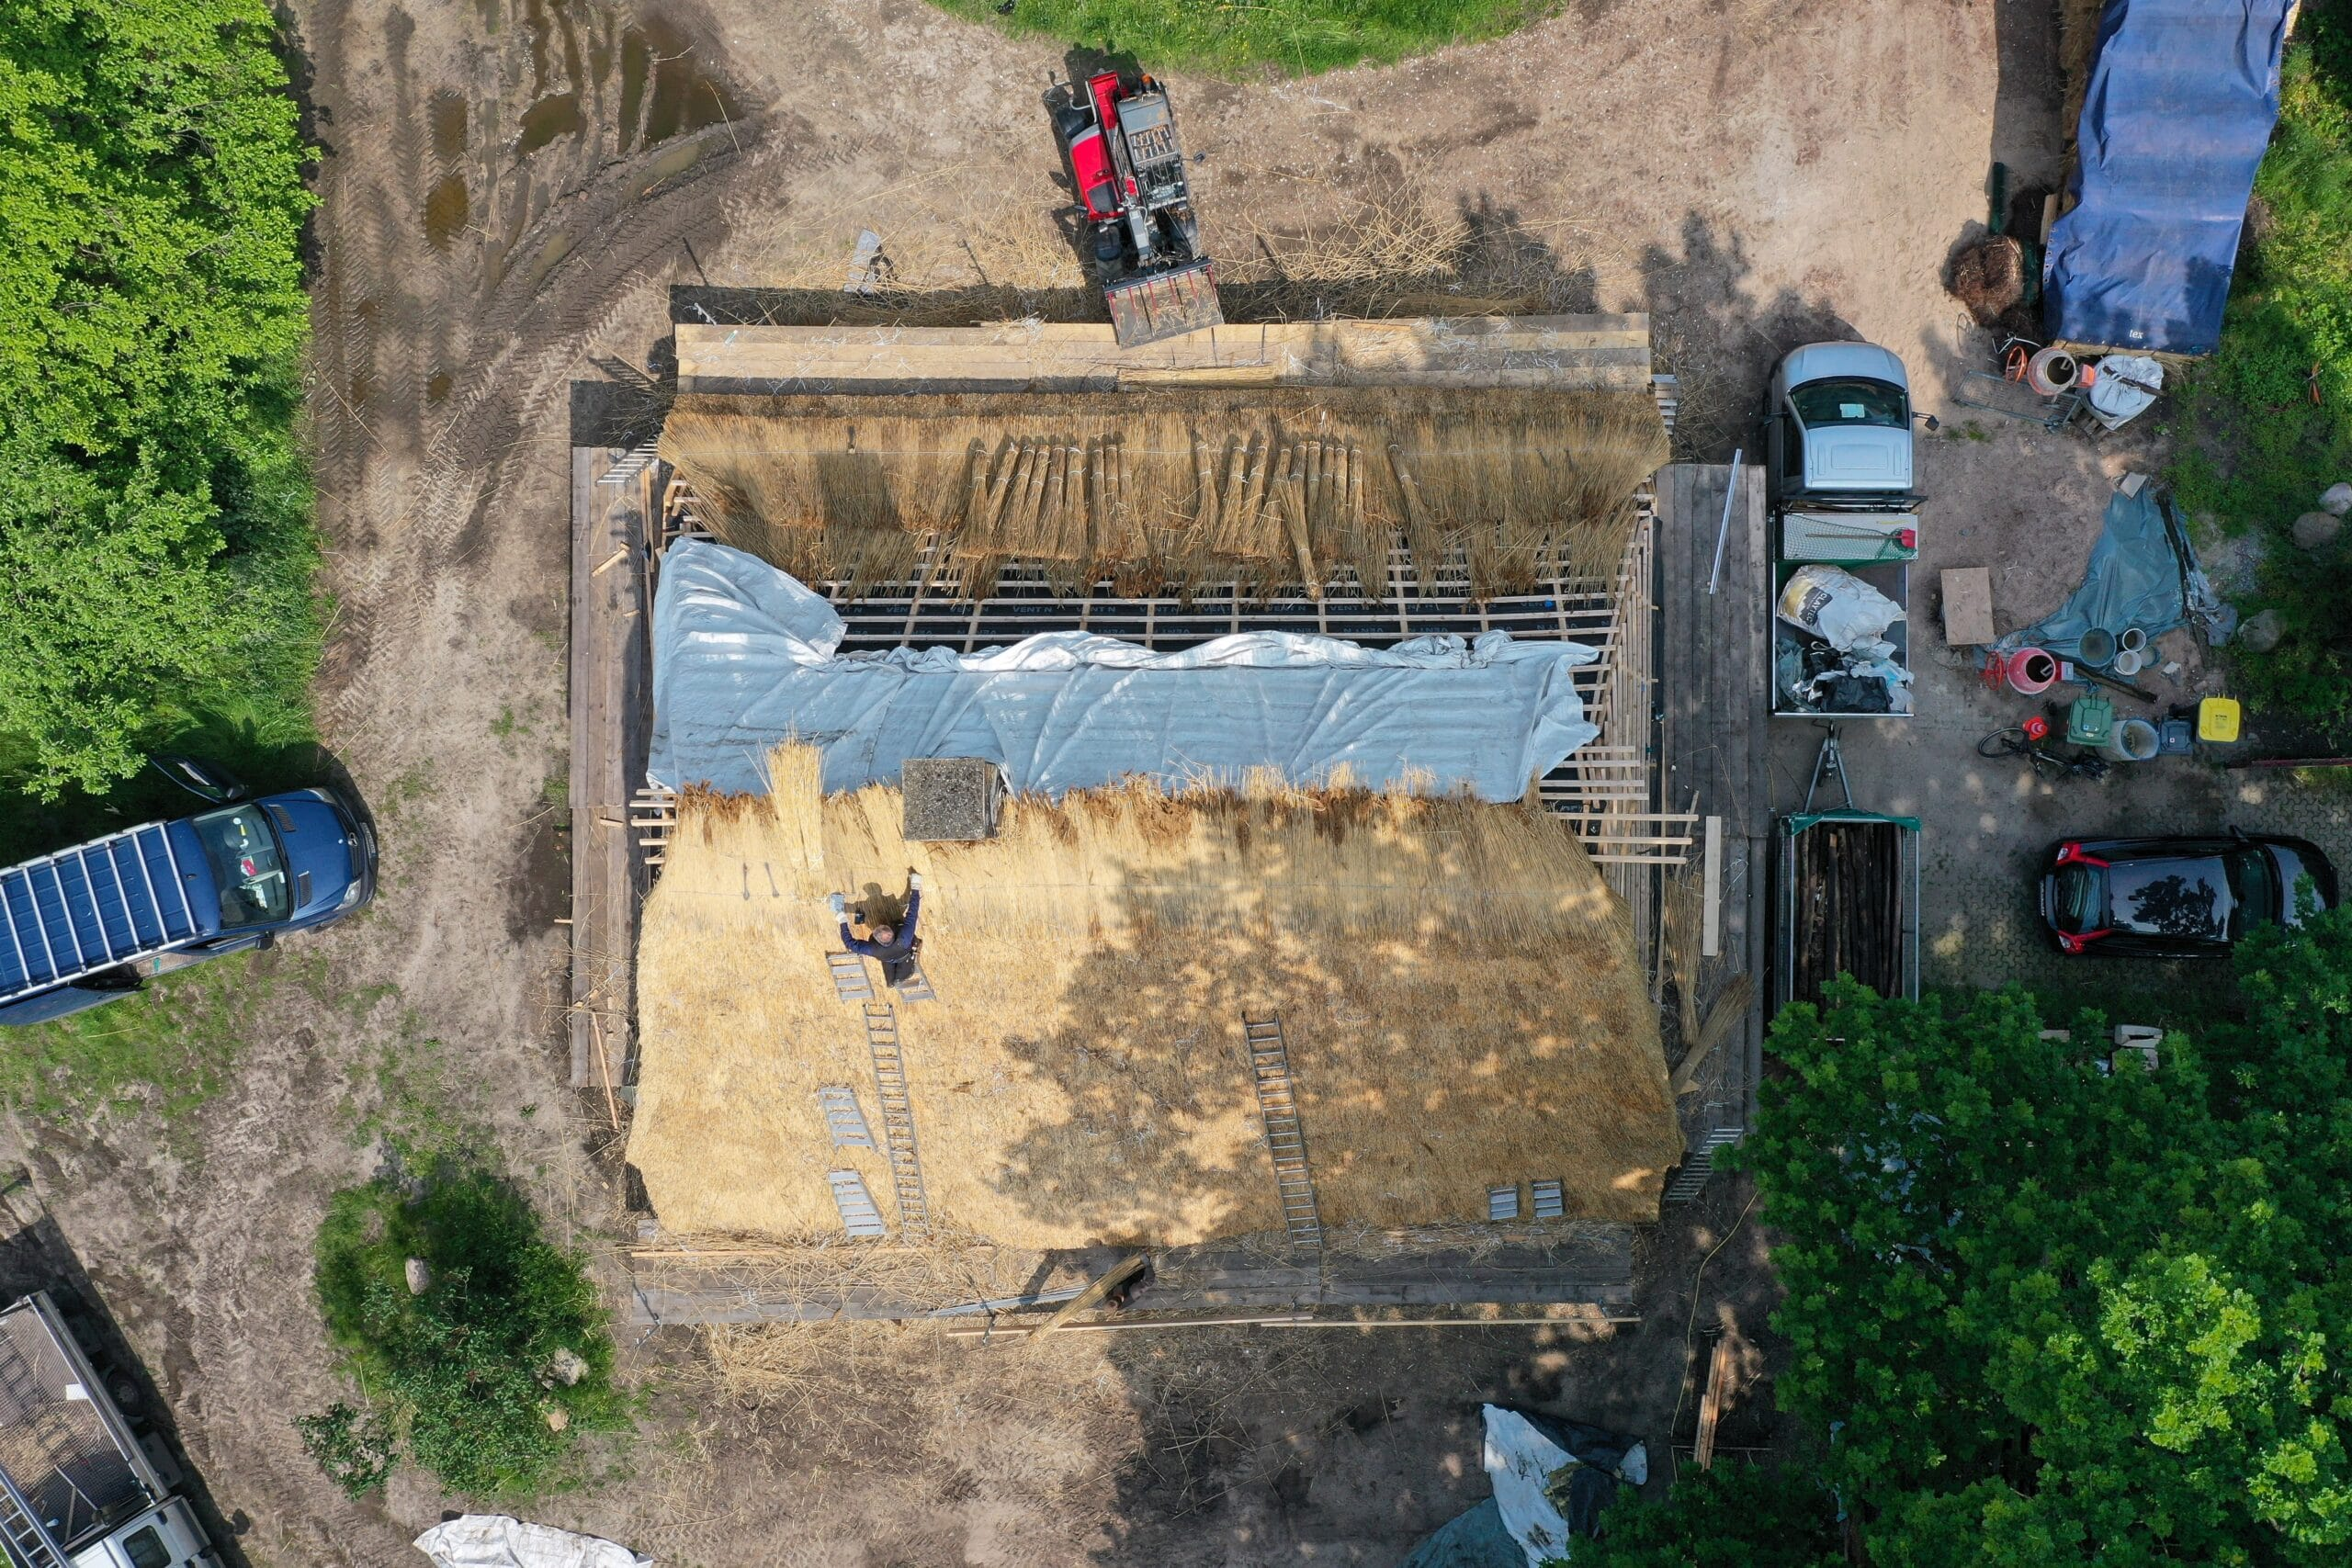 An einem Reetdach wird gearbeitet (Luftaufnahme mit einer Drohne).